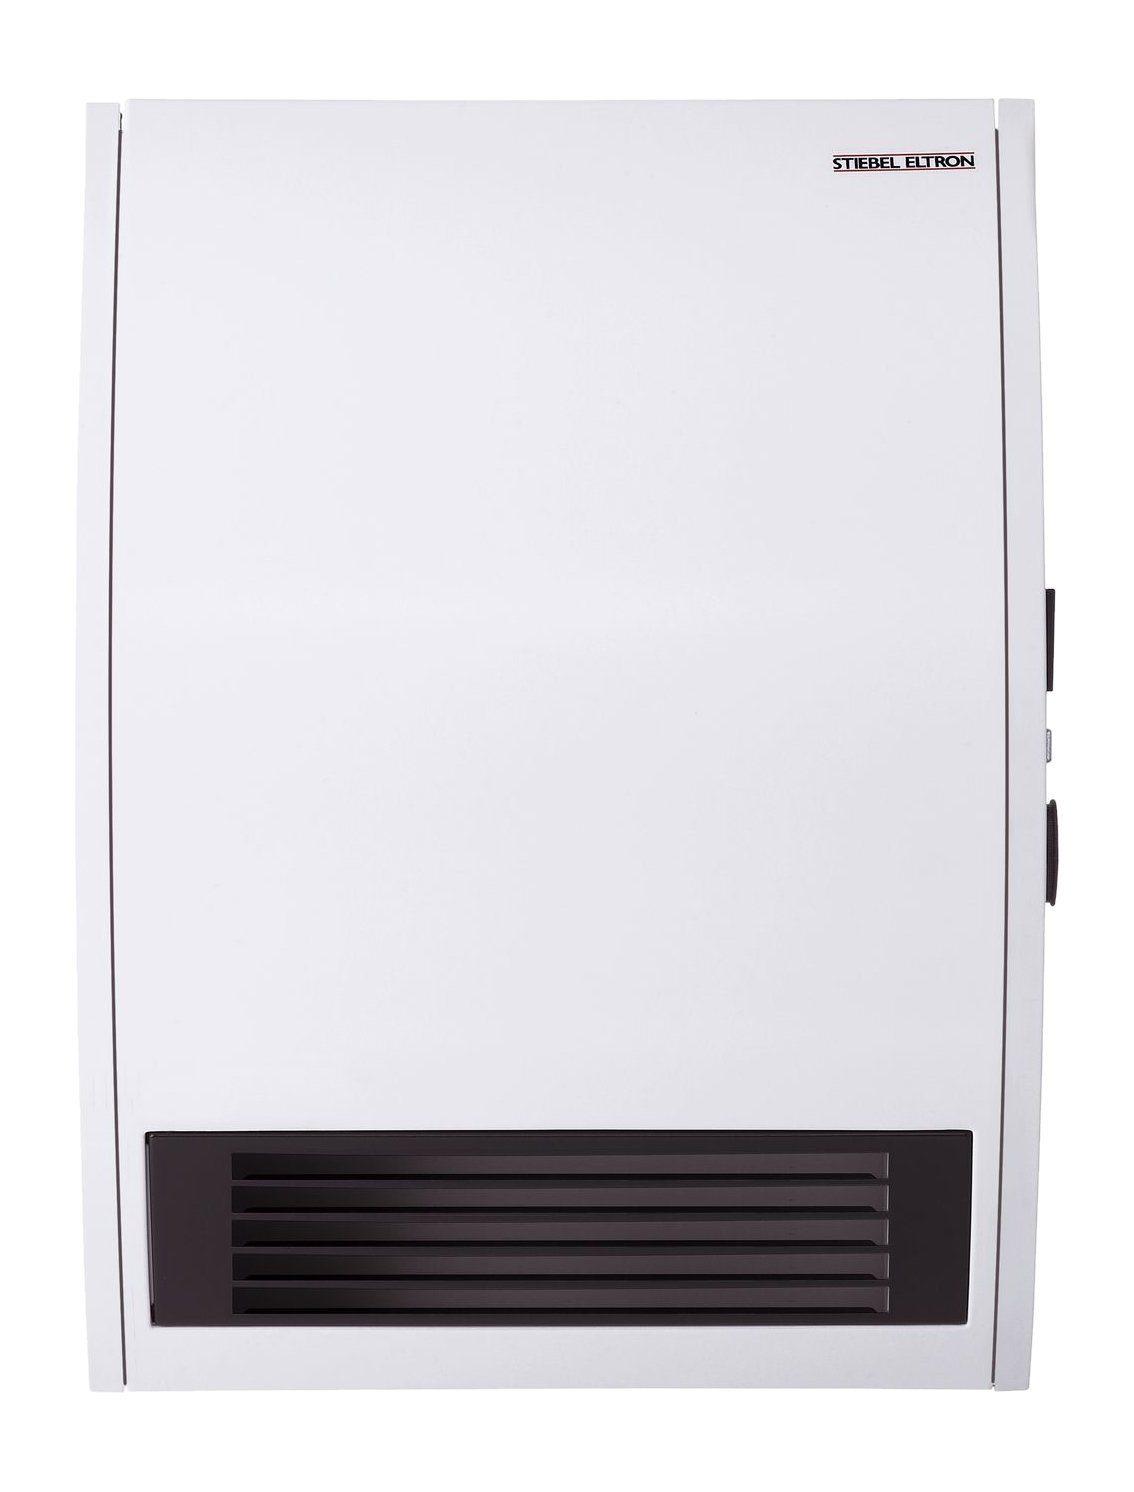 Stiebel Klimagerät STIEBEL ELTRON CK20S Wand Schnellheizer weiß